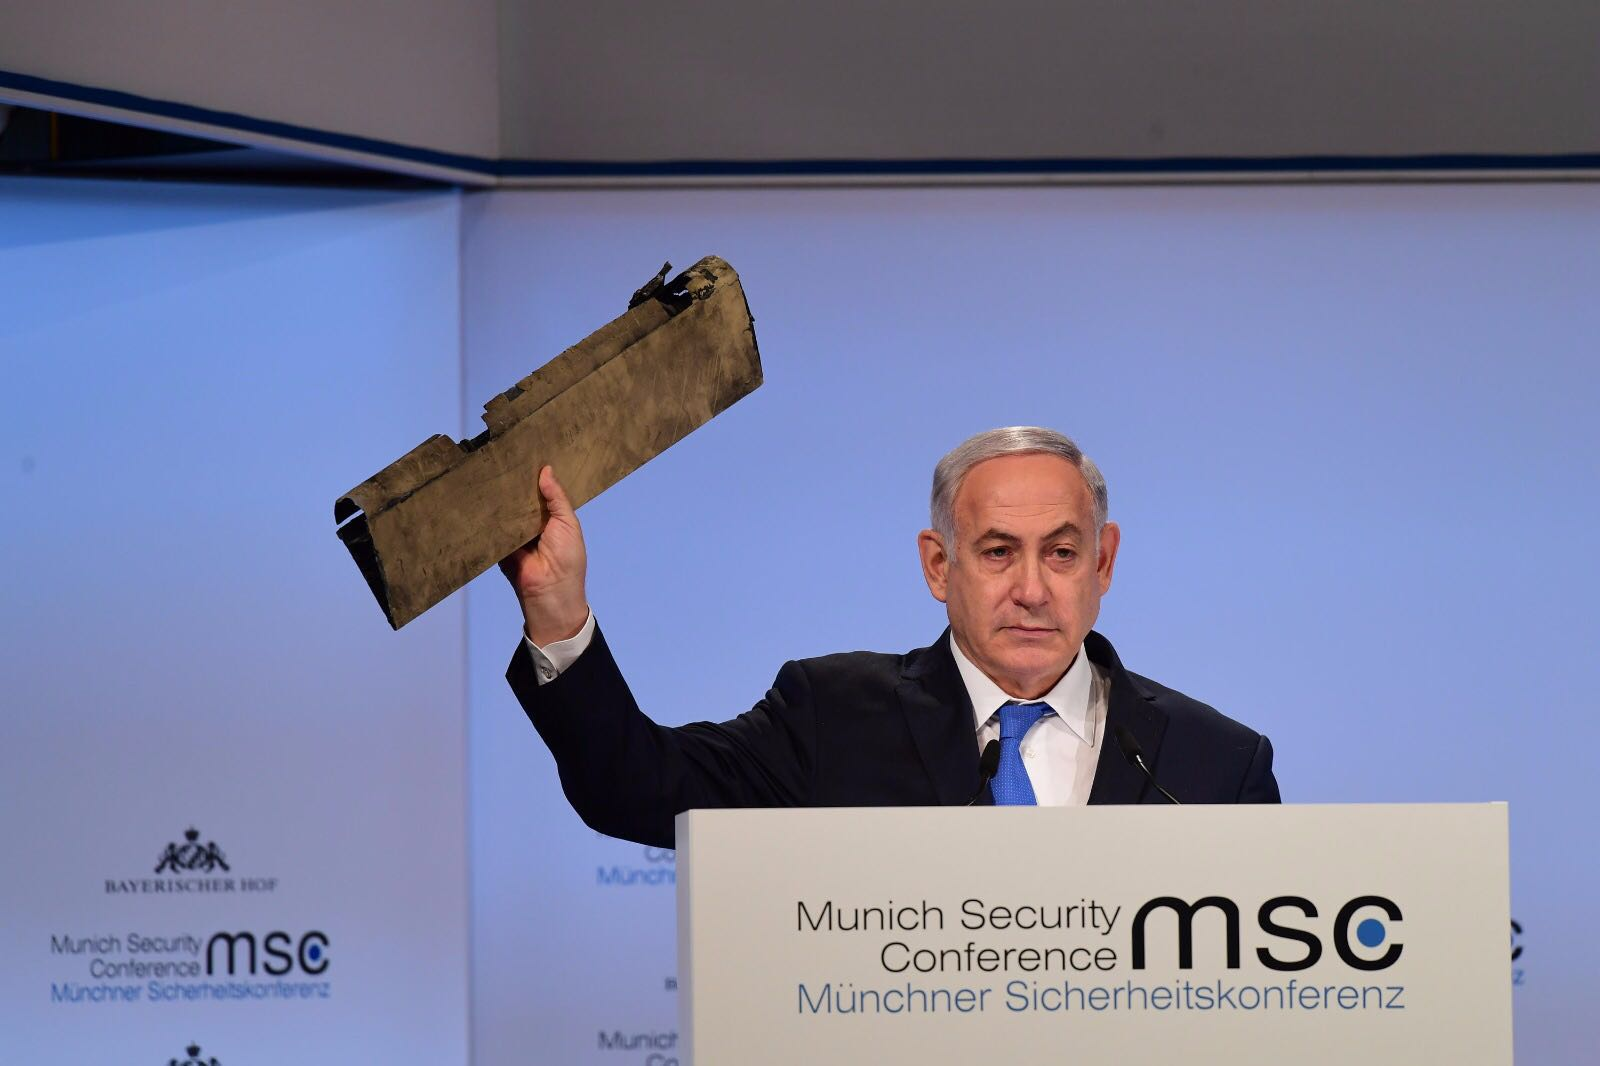 בעיצומו של הנאום בוועידת מינכן, נתניהו שלף את המל''ט האיראני וקרא,